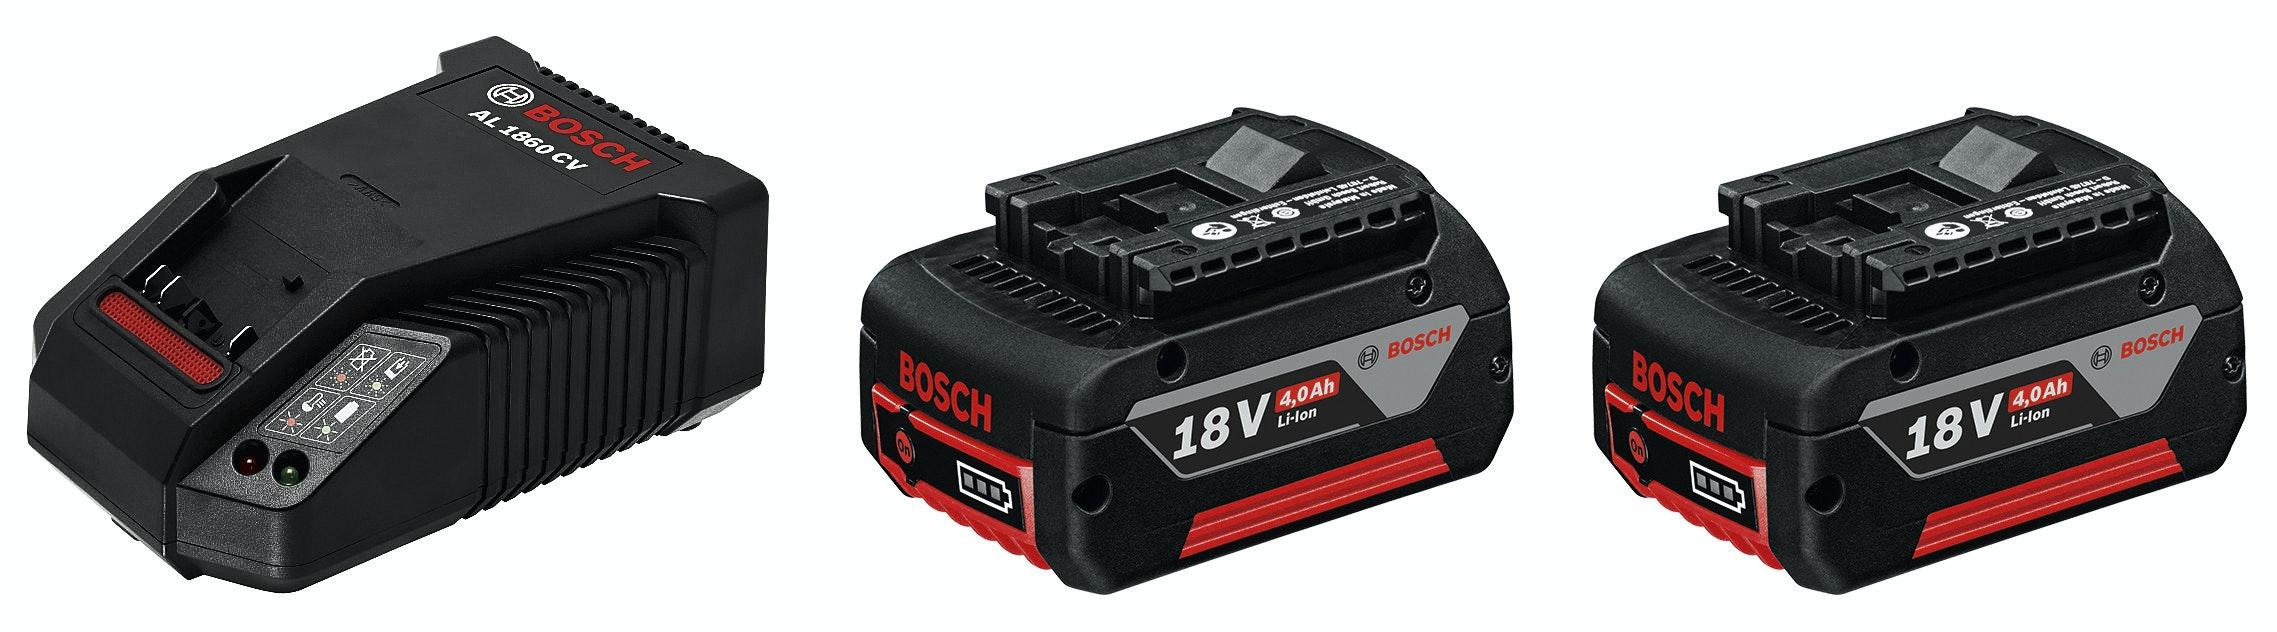 Batteriset Bosch Al1860 Flexible Power